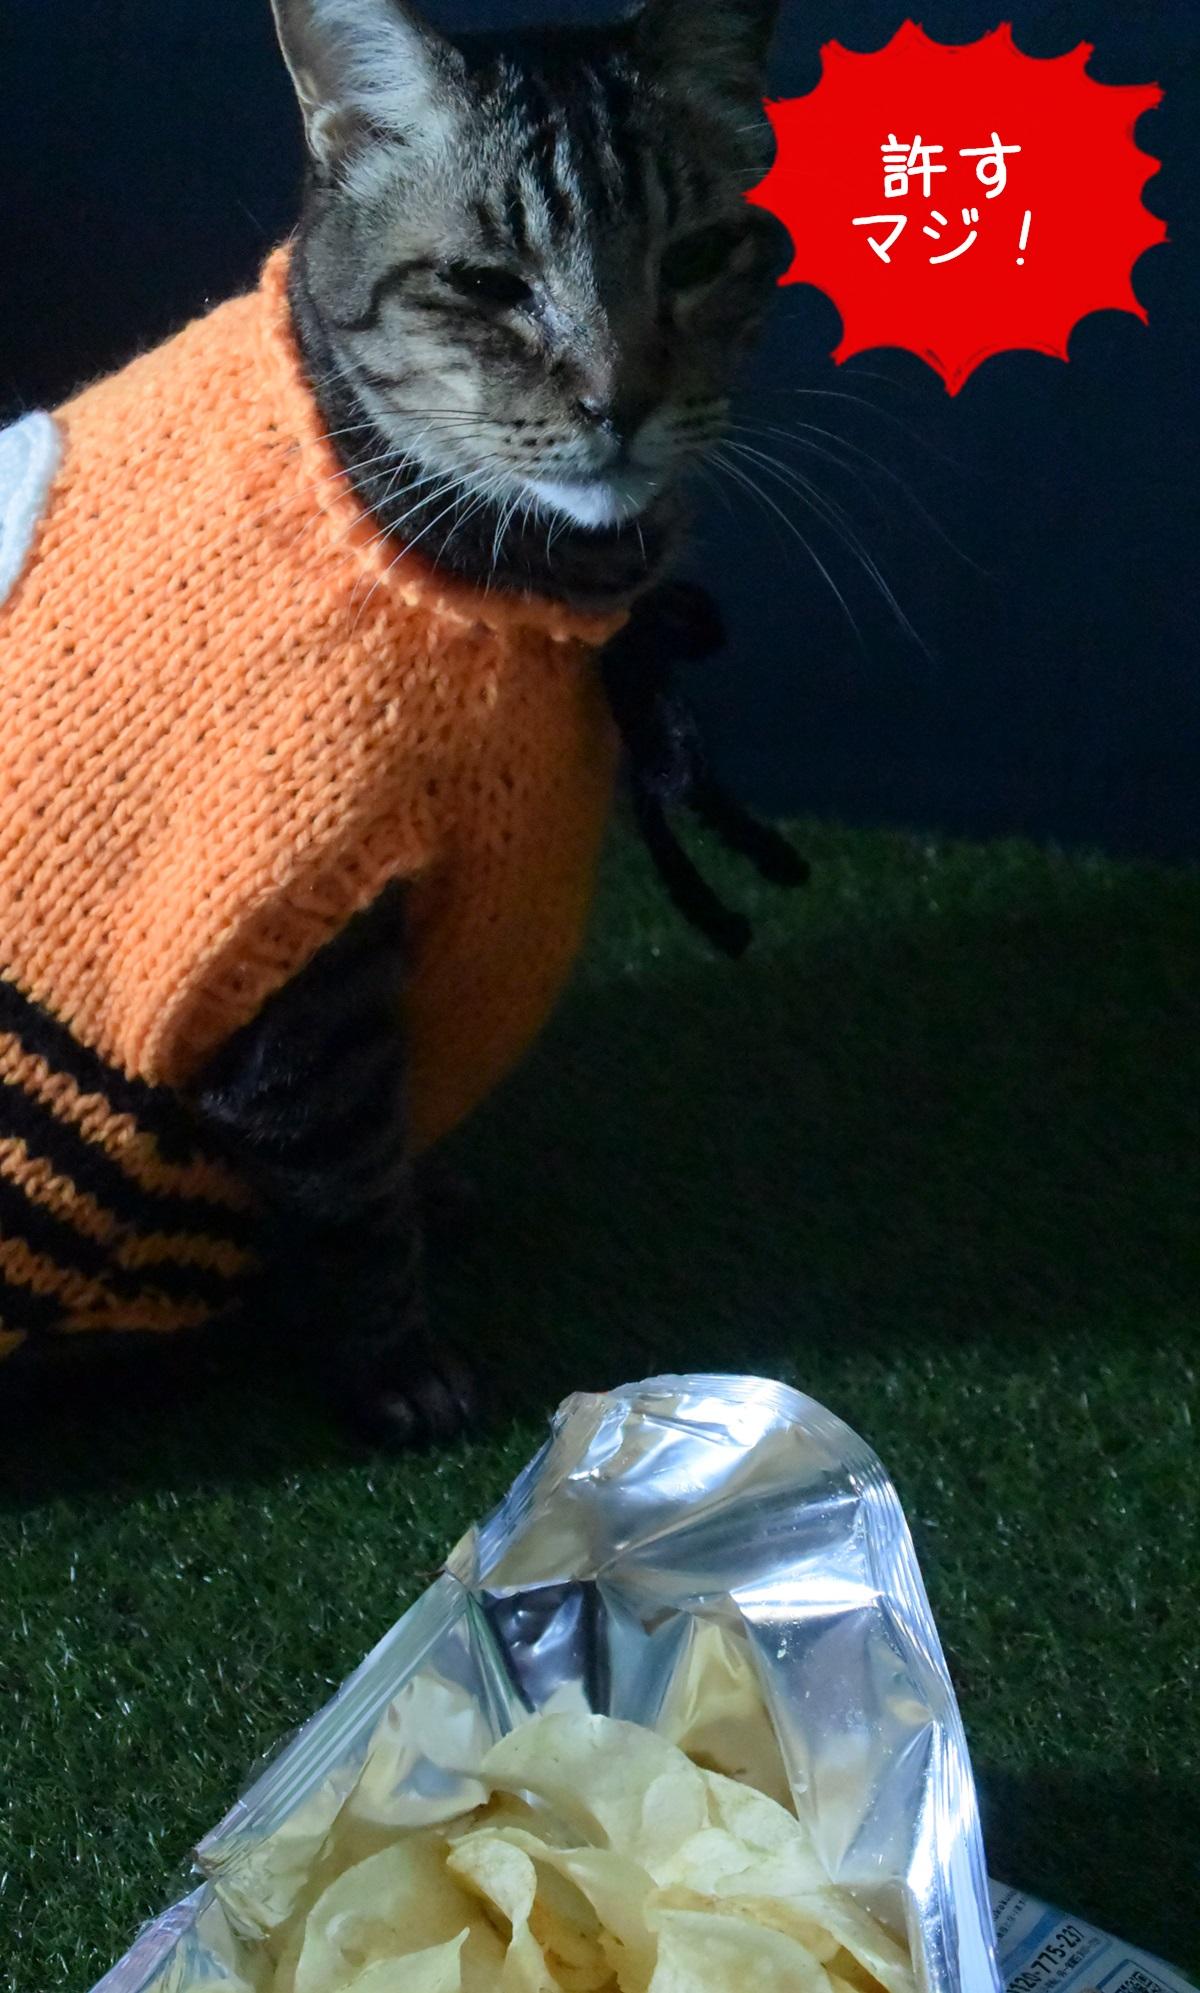 ポテトチップスを見つけた猫